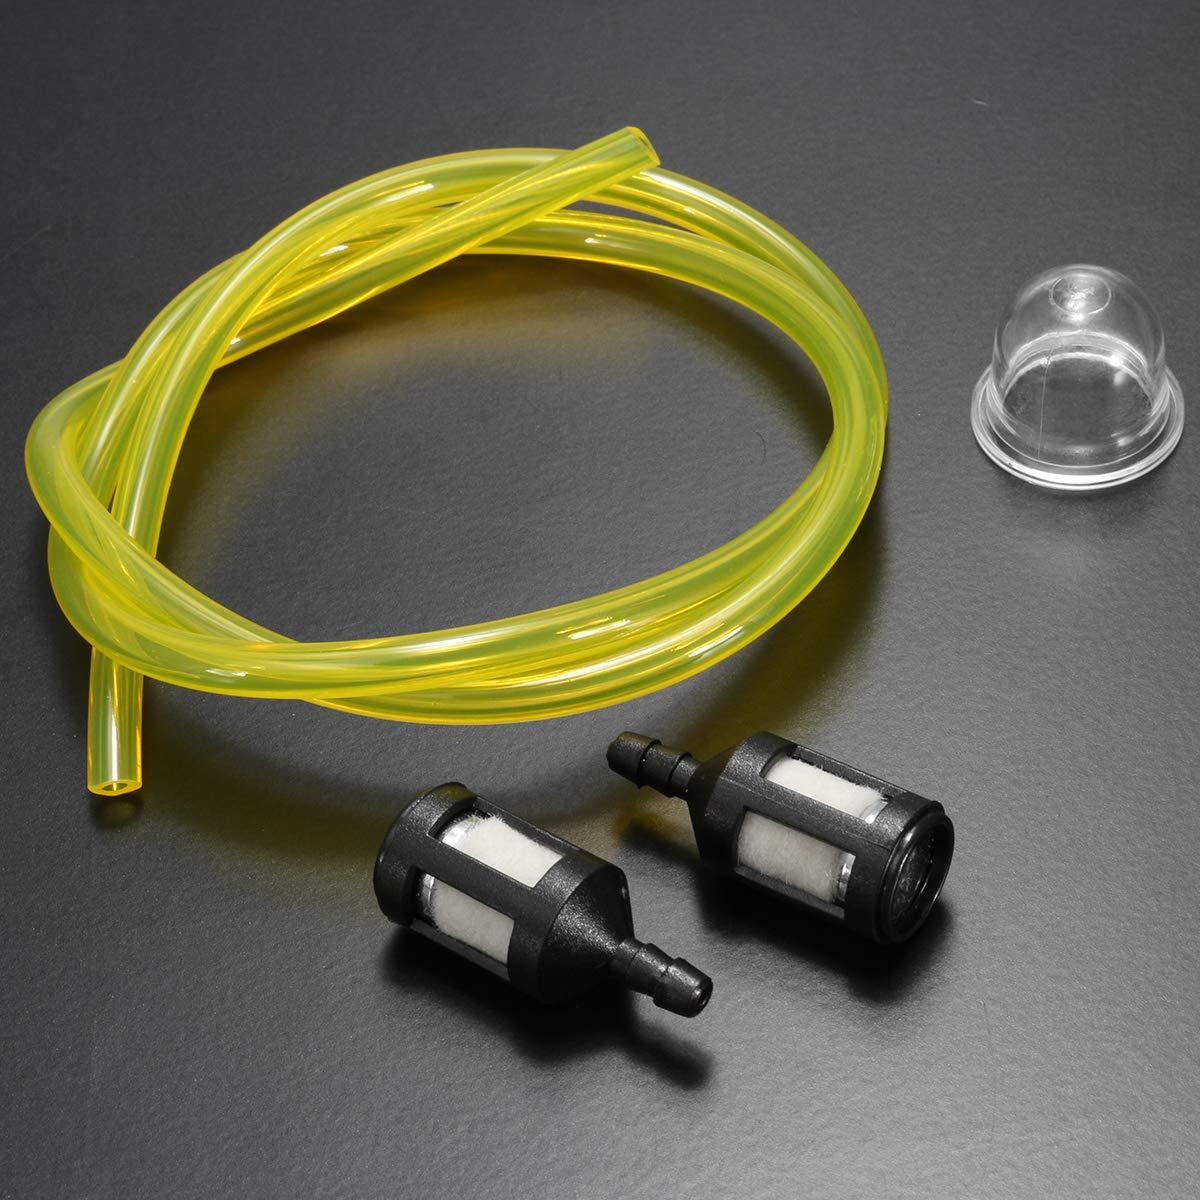 Tubo de Combustible Transparente de 2,5//3 mm 2 minibombillas de Filtro y cebado para filtros de Gasolina Ryobi Kungfu Mall